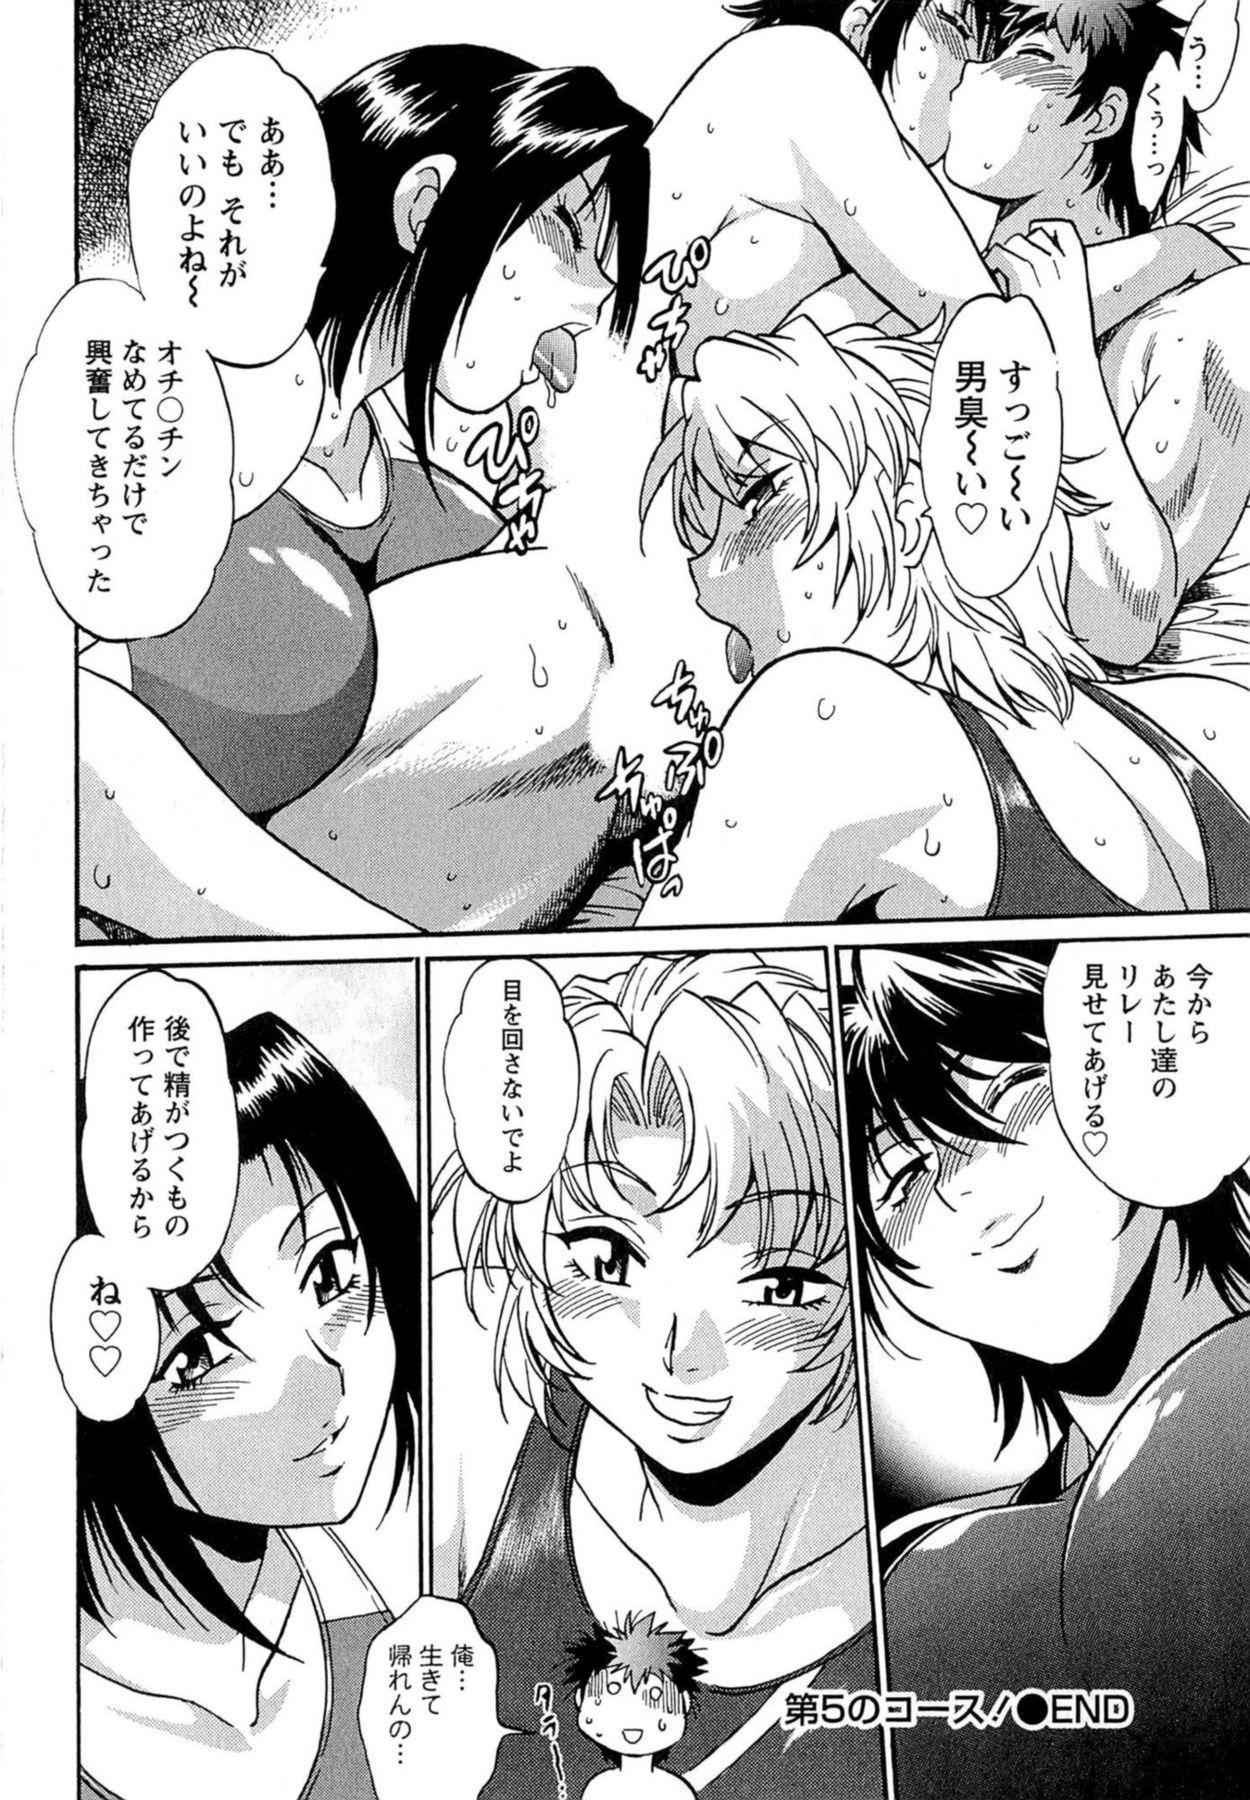 Kuikomi wo Naoshiteru Hima wa Nai! Vol. 1 132